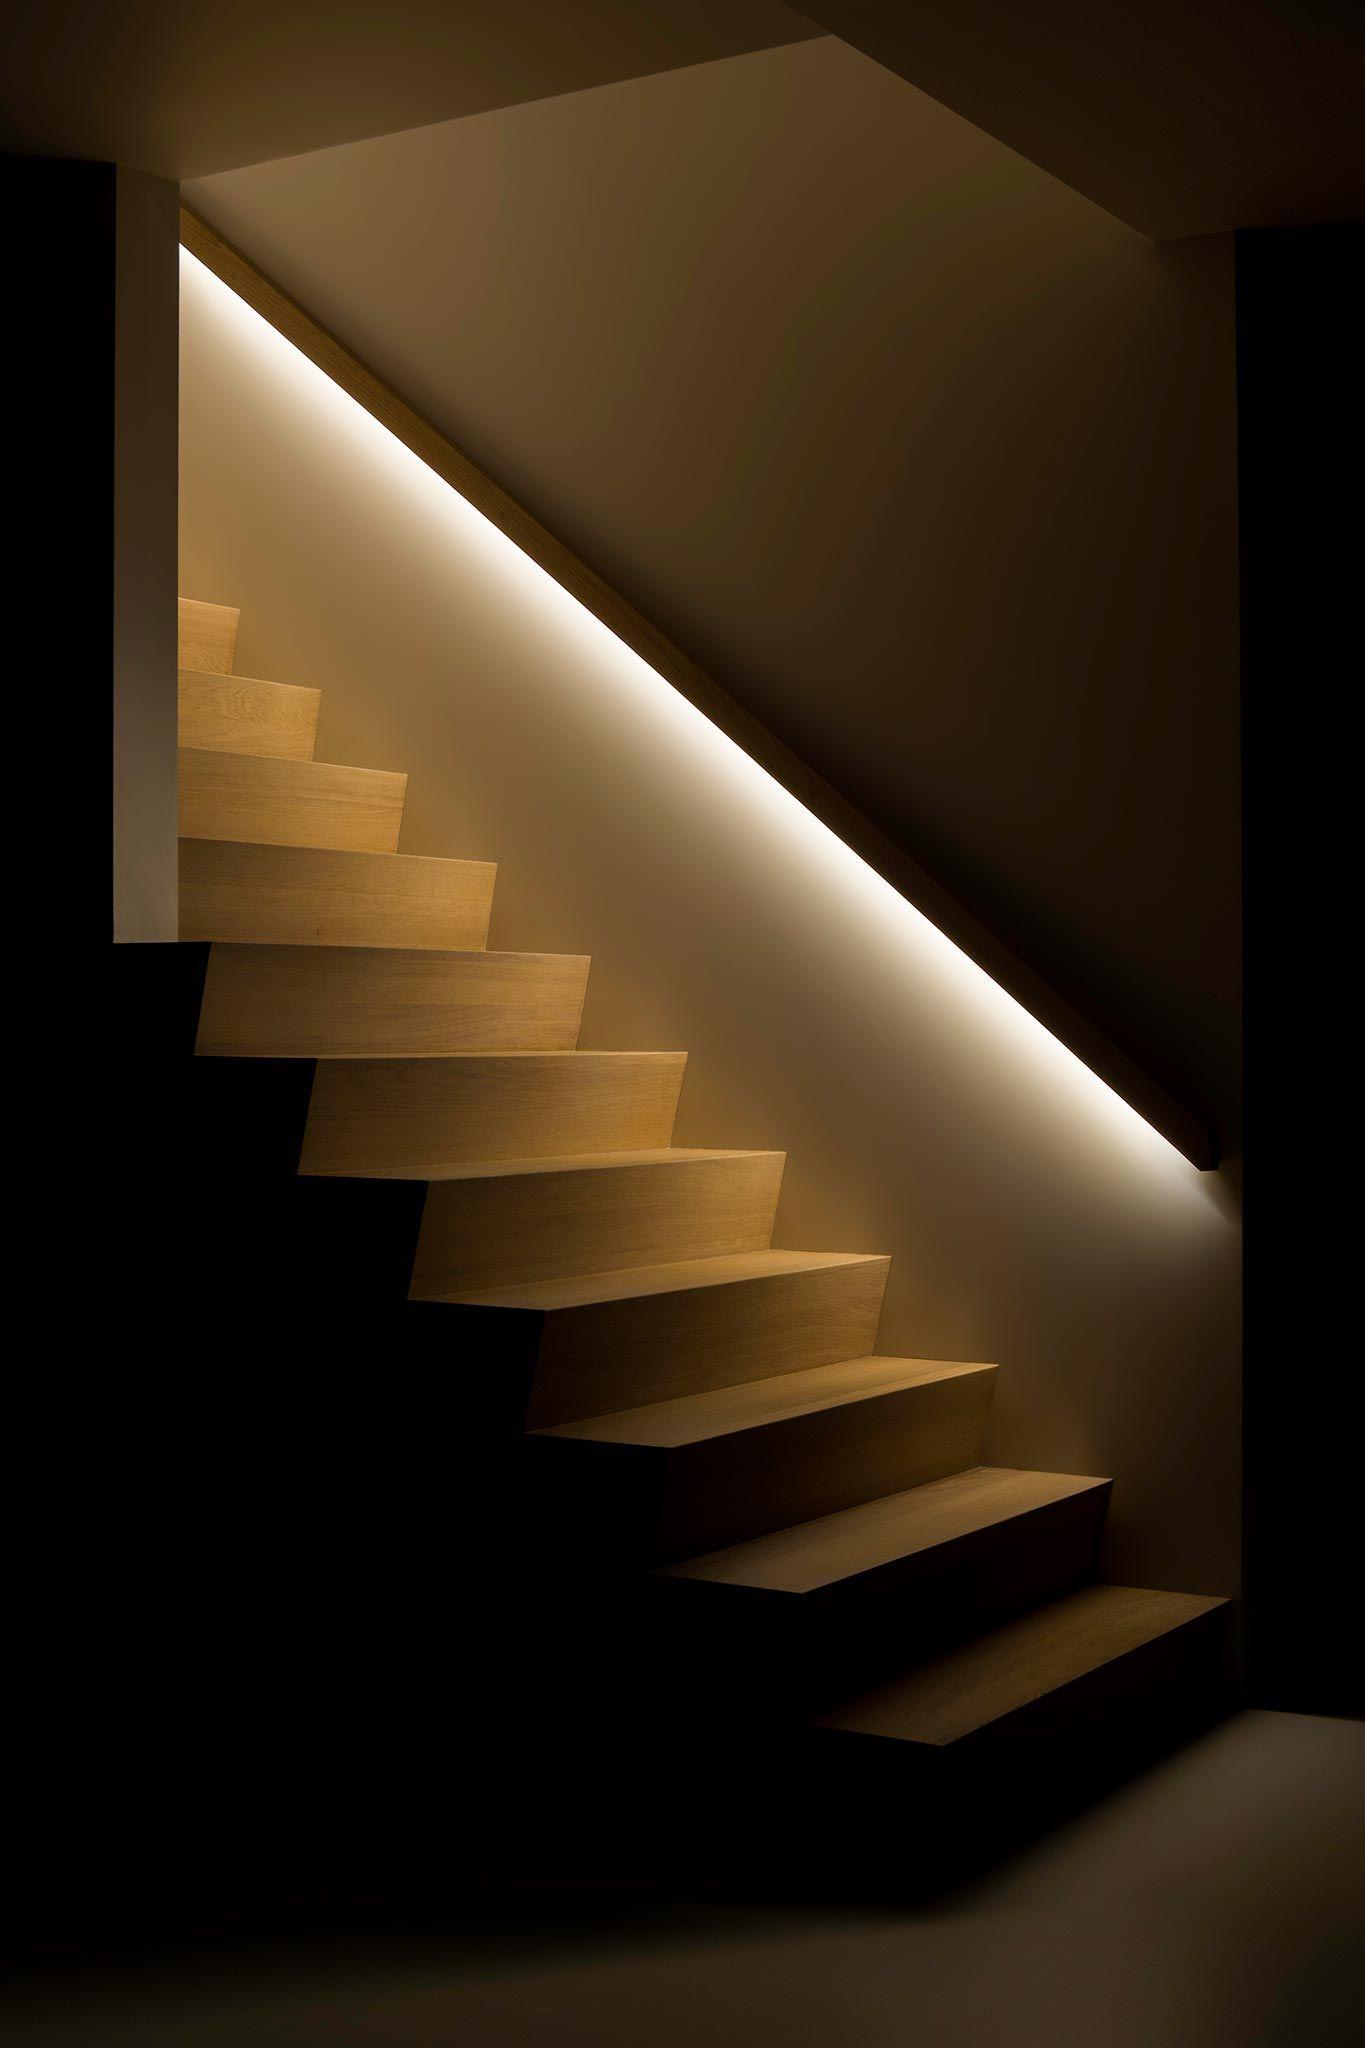 Best 10 Stairway Lighting Ideas On Pinterest: K-Variante: Treppe Auf Halber Höhe Abtrennen Für Schließen